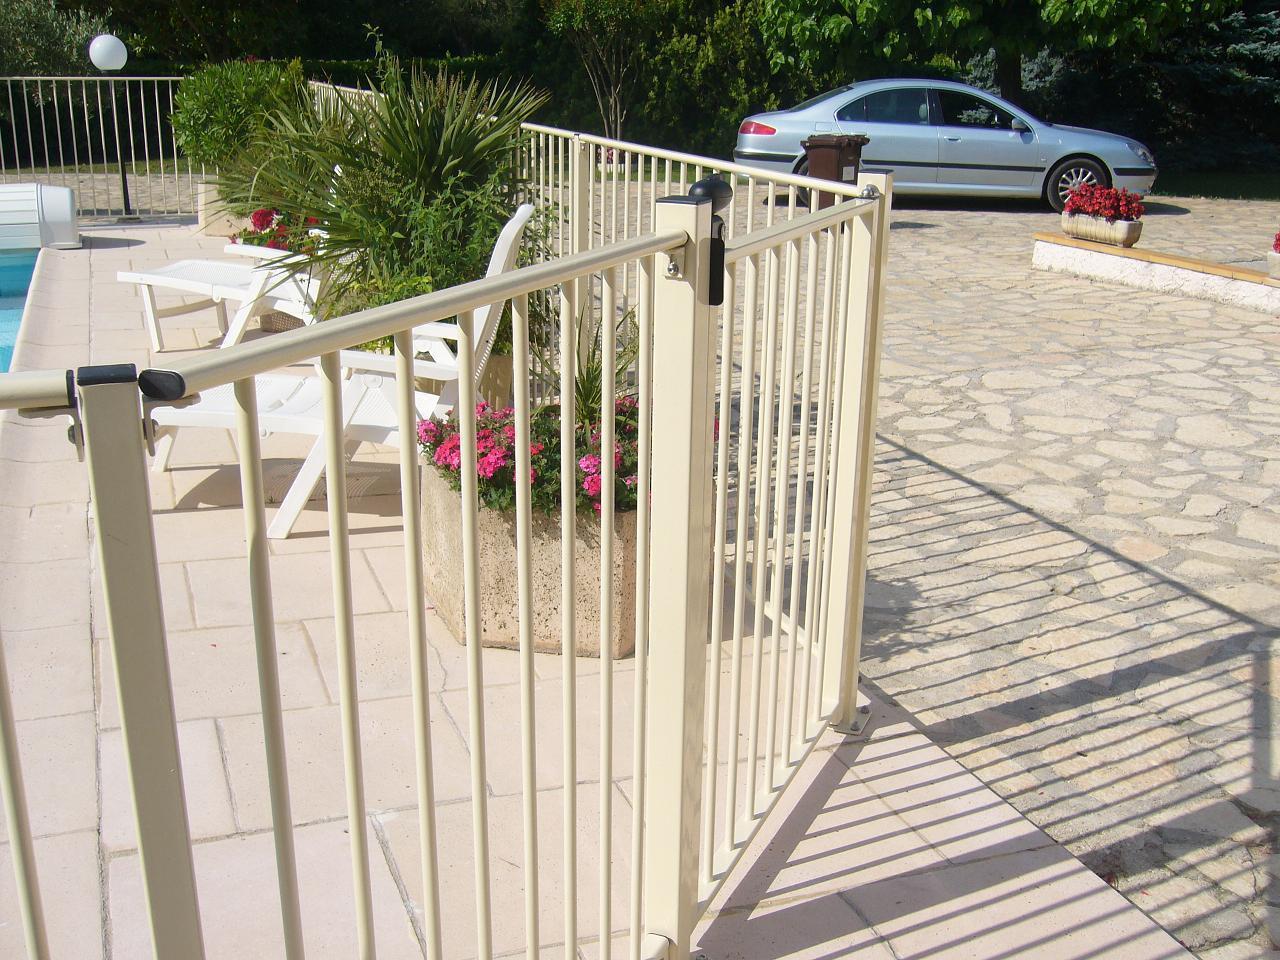 barri re homologu e de protection piscine verseau jardinprixbas com. Black Bedroom Furniture Sets. Home Design Ideas